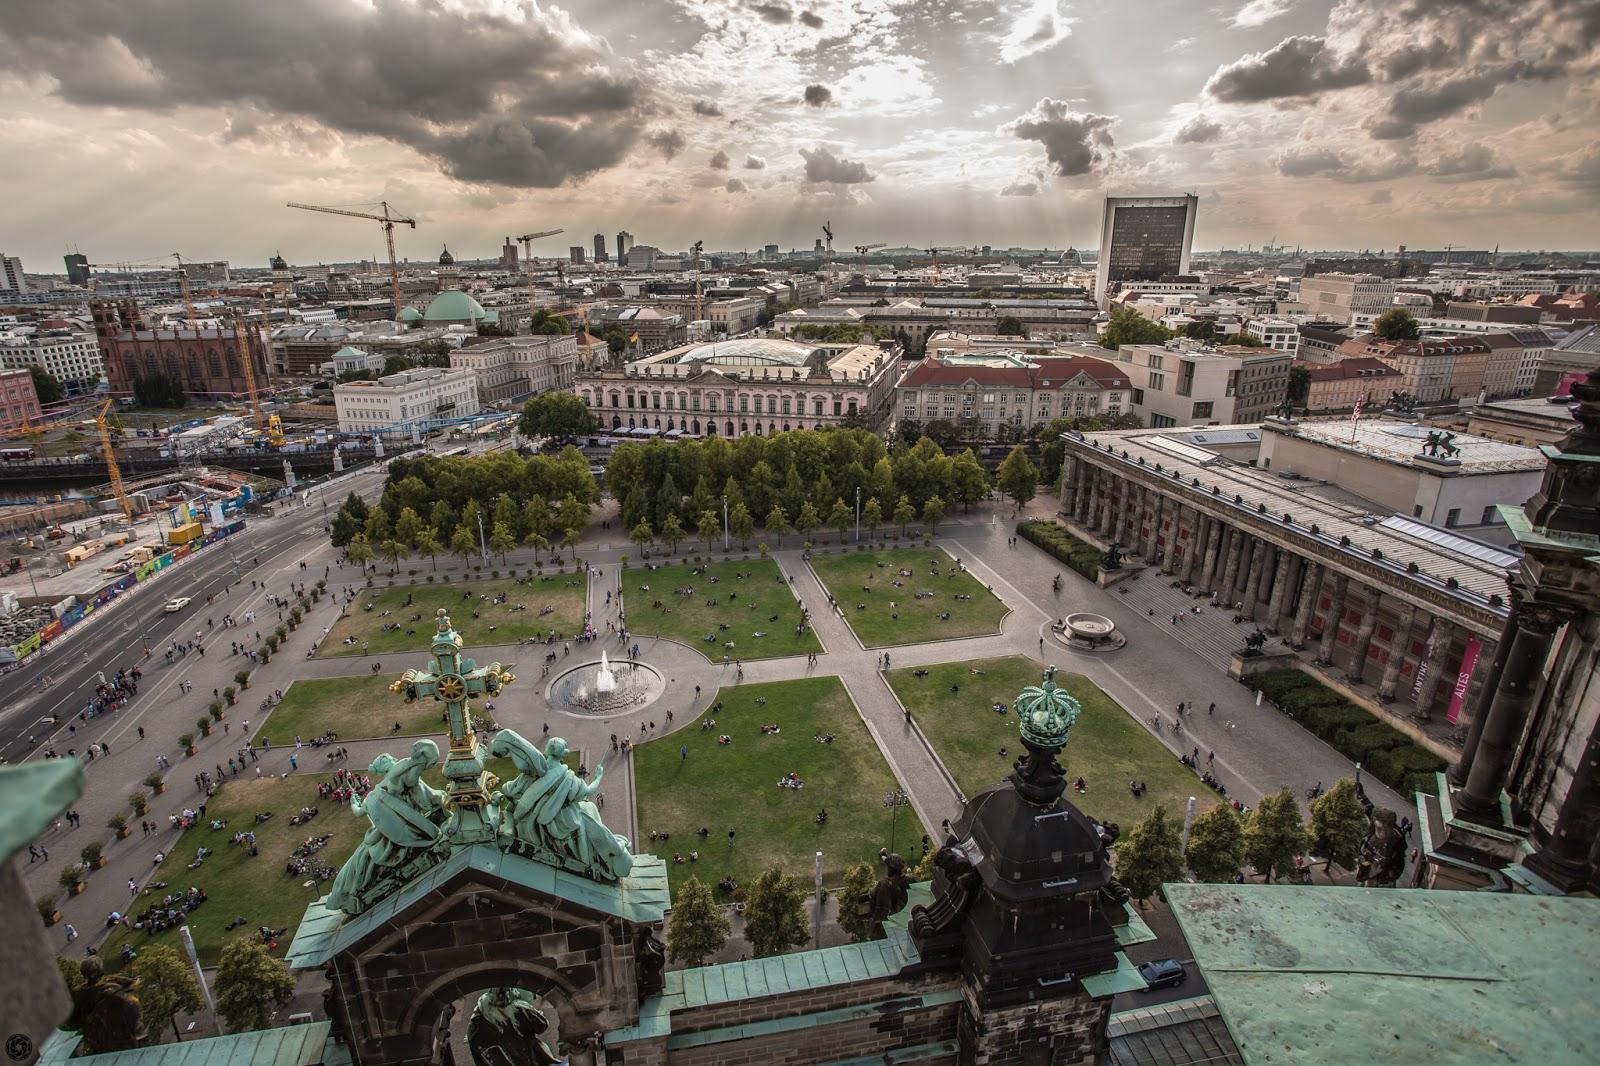 El Lustgarten y el Altes Museum desde la cúpula de la catedral de Berlín :: Canon EOS5D MkIII | ISO100 | Canon 17-40 @17mm | f/5.6 | 1/500s